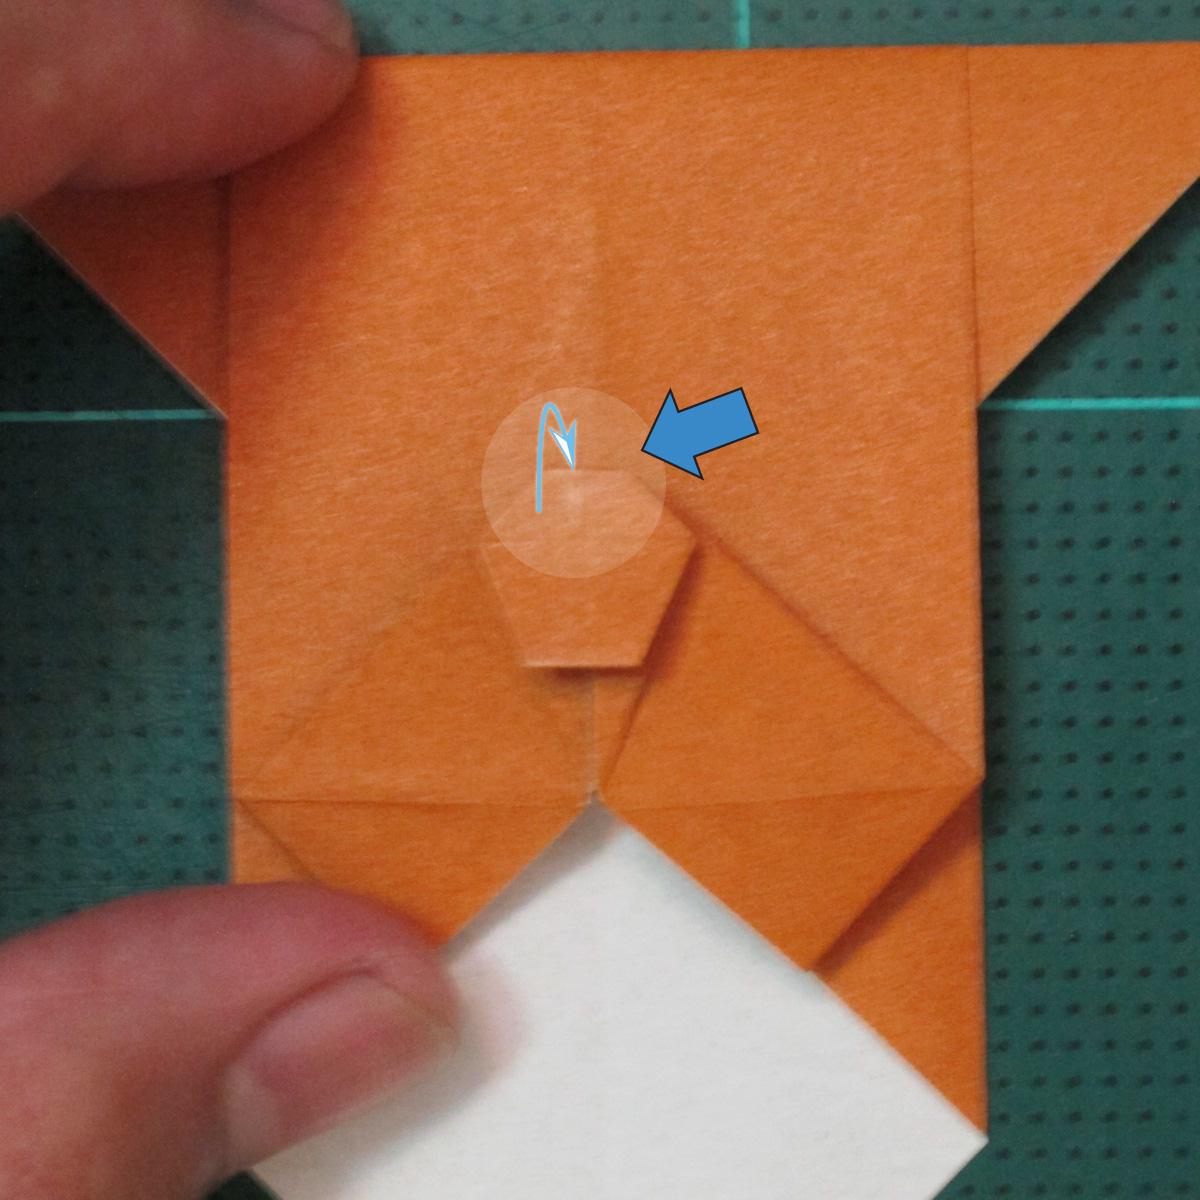 วิธีพับกระดาษเป็นที่คั่นหนังสือรูปหมาบูลด็อก (Origami Bulldog Bookmark) 015